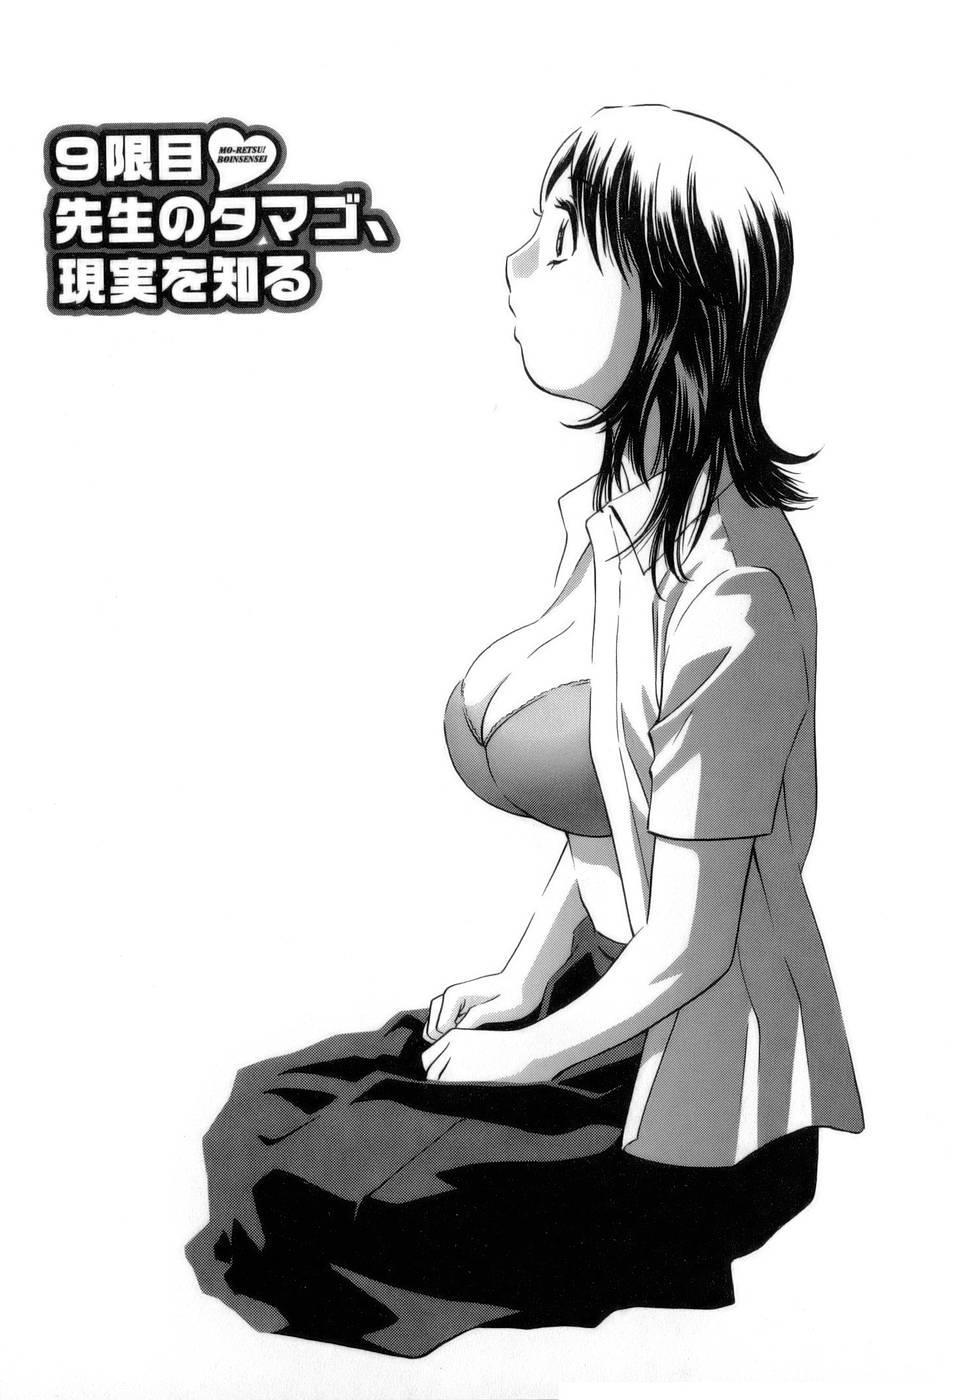 [Hidemaru] Mo-Retsu! Boin Sensei (Boing Boing Teacher) Vol.1 172